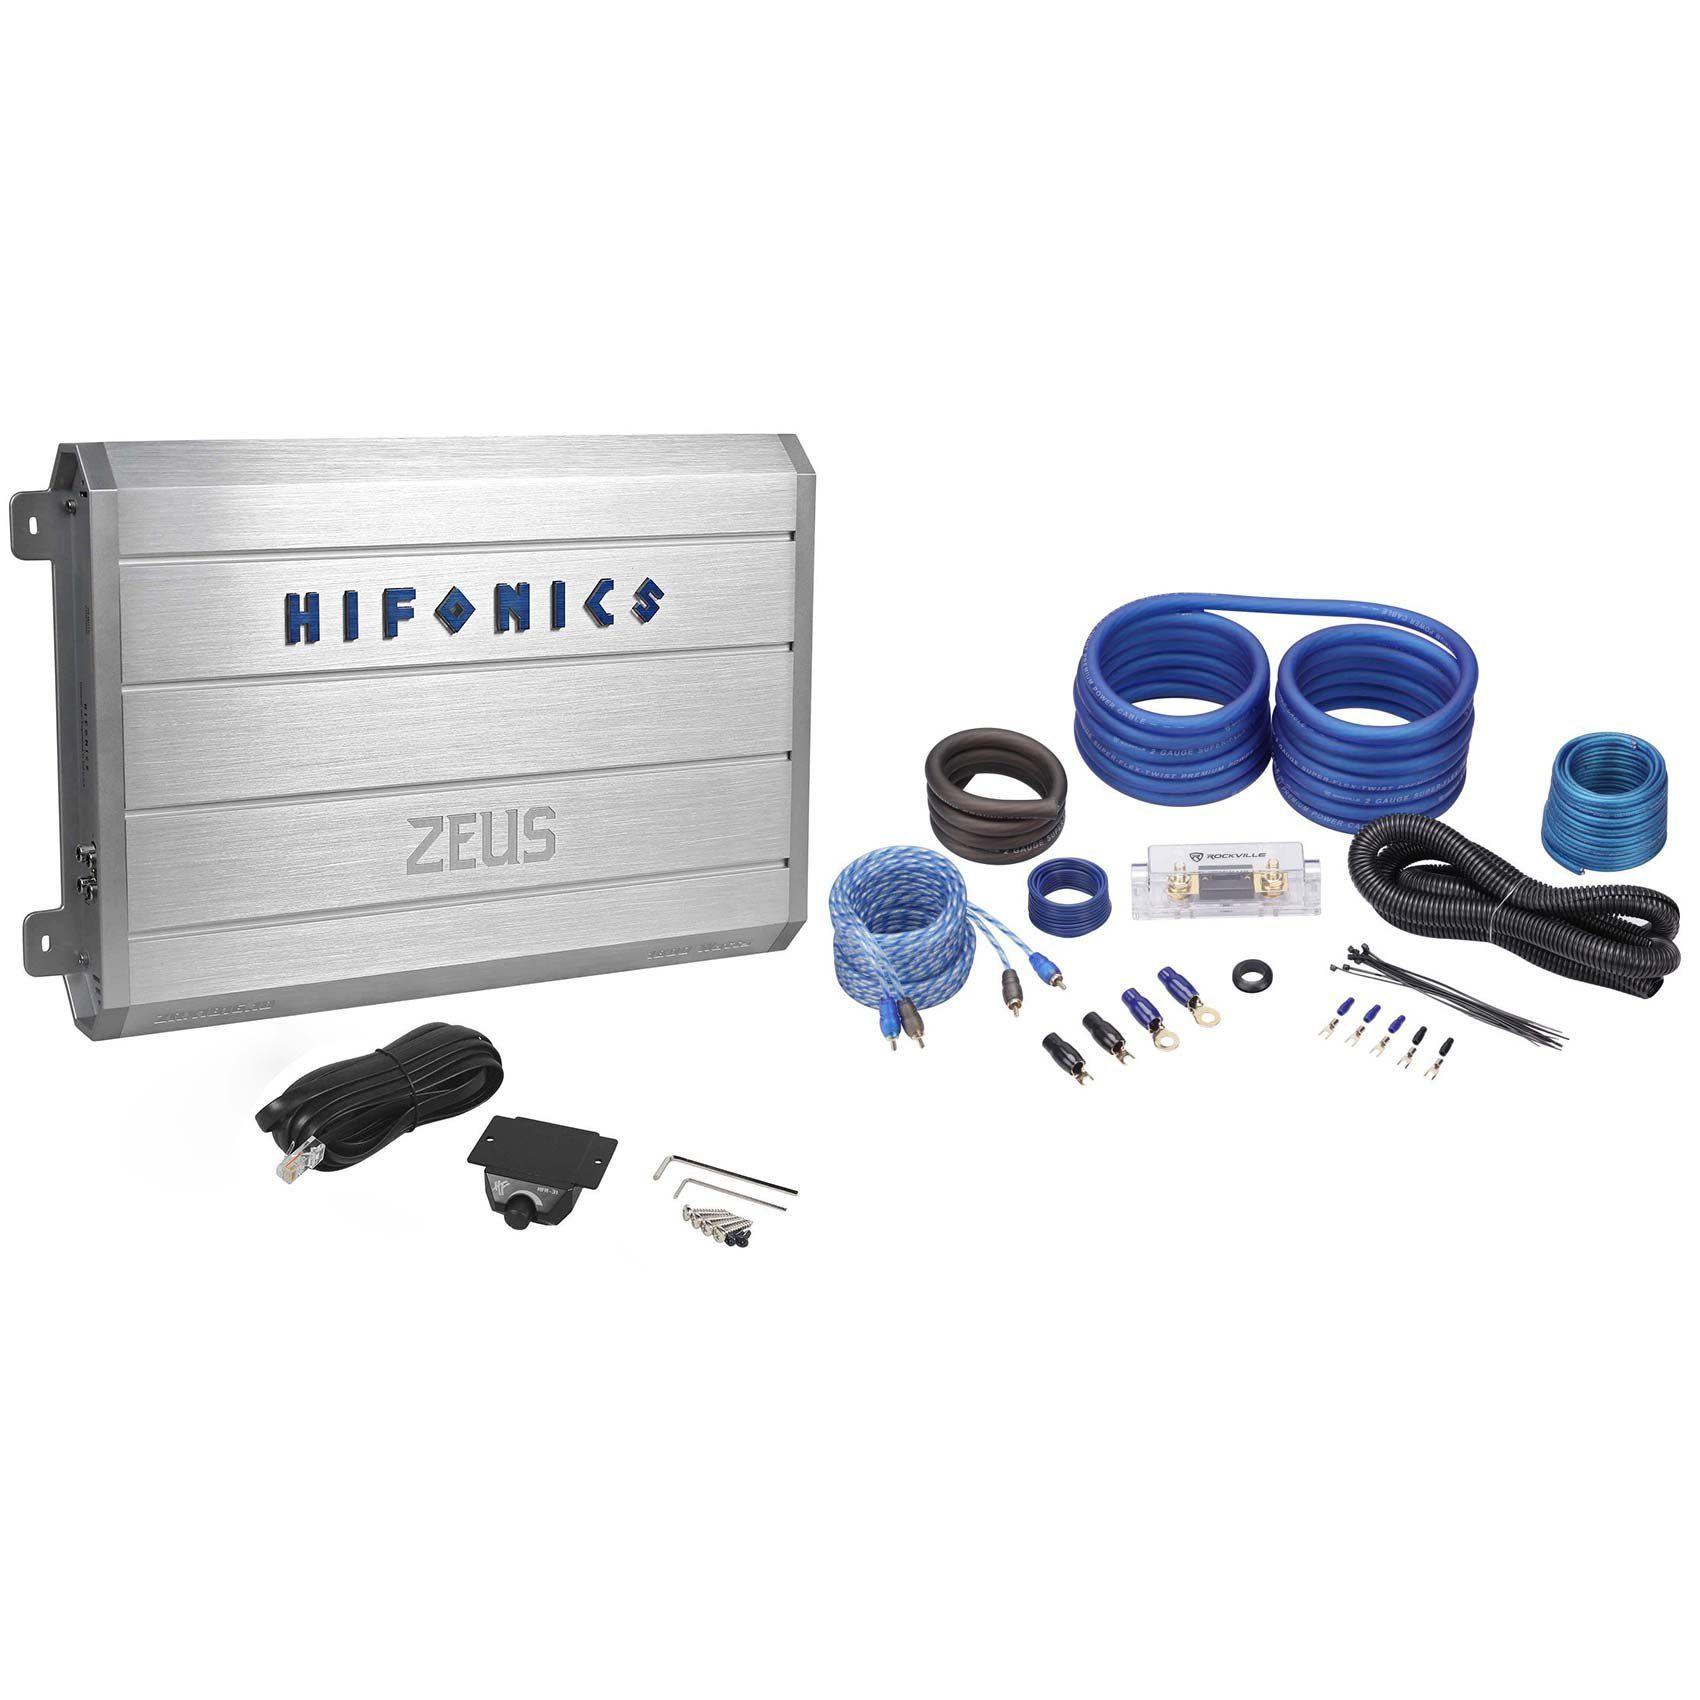 hifonics zrx1816 1d 1800 watt rms monoblock amp class d amplifier hifonics zrx1816 1d 1800 watt rms monoblock amp class d amplifier wiring kit